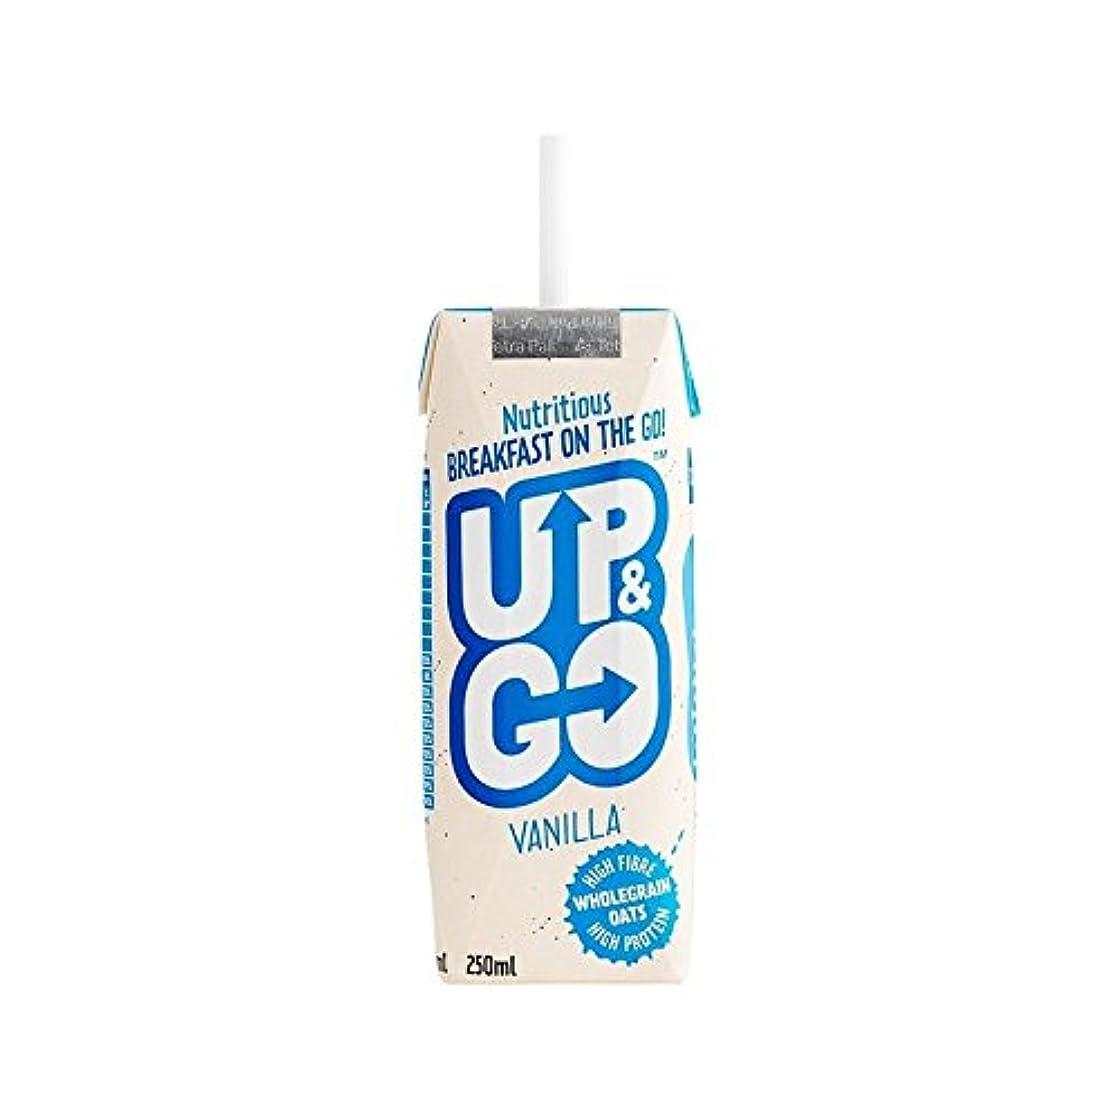 ウィンクシャイゆりオート麦の250ミリリットルとバニラ朝食ドリンク (Up&Go) (x 4) - Up&Go Vanilla Breakfast Drink with Oats 250ml (Pack of 4) [並行輸入品]